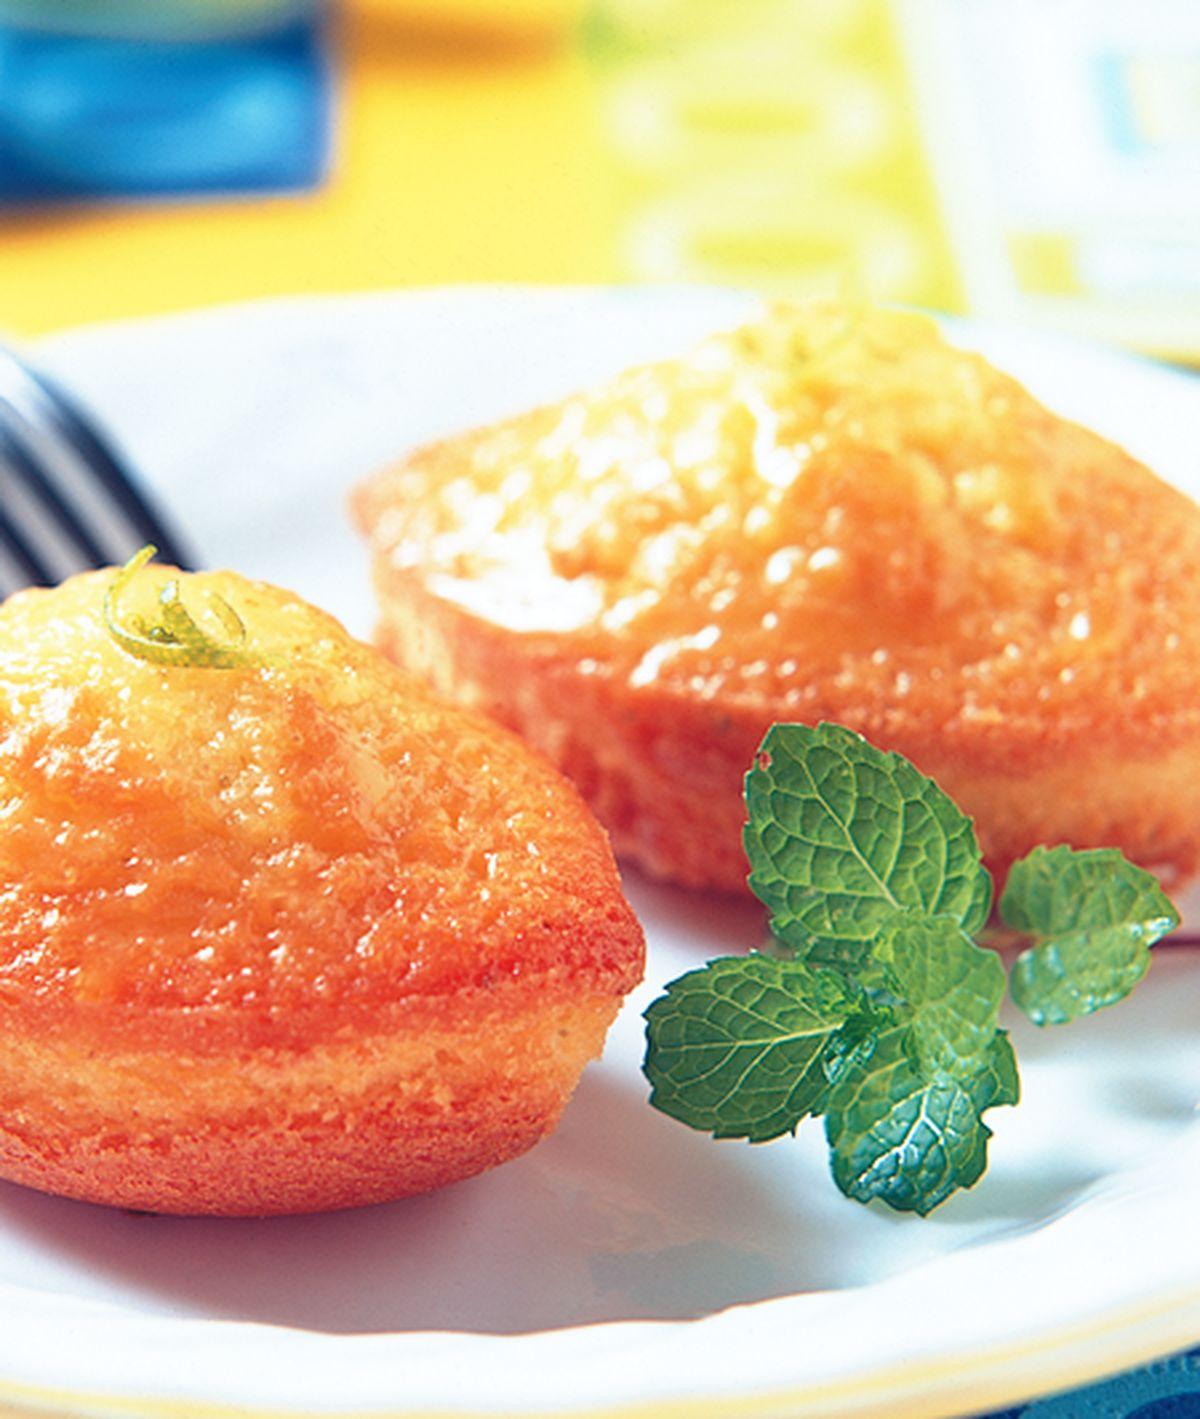 食譜:檸檬蛋糕